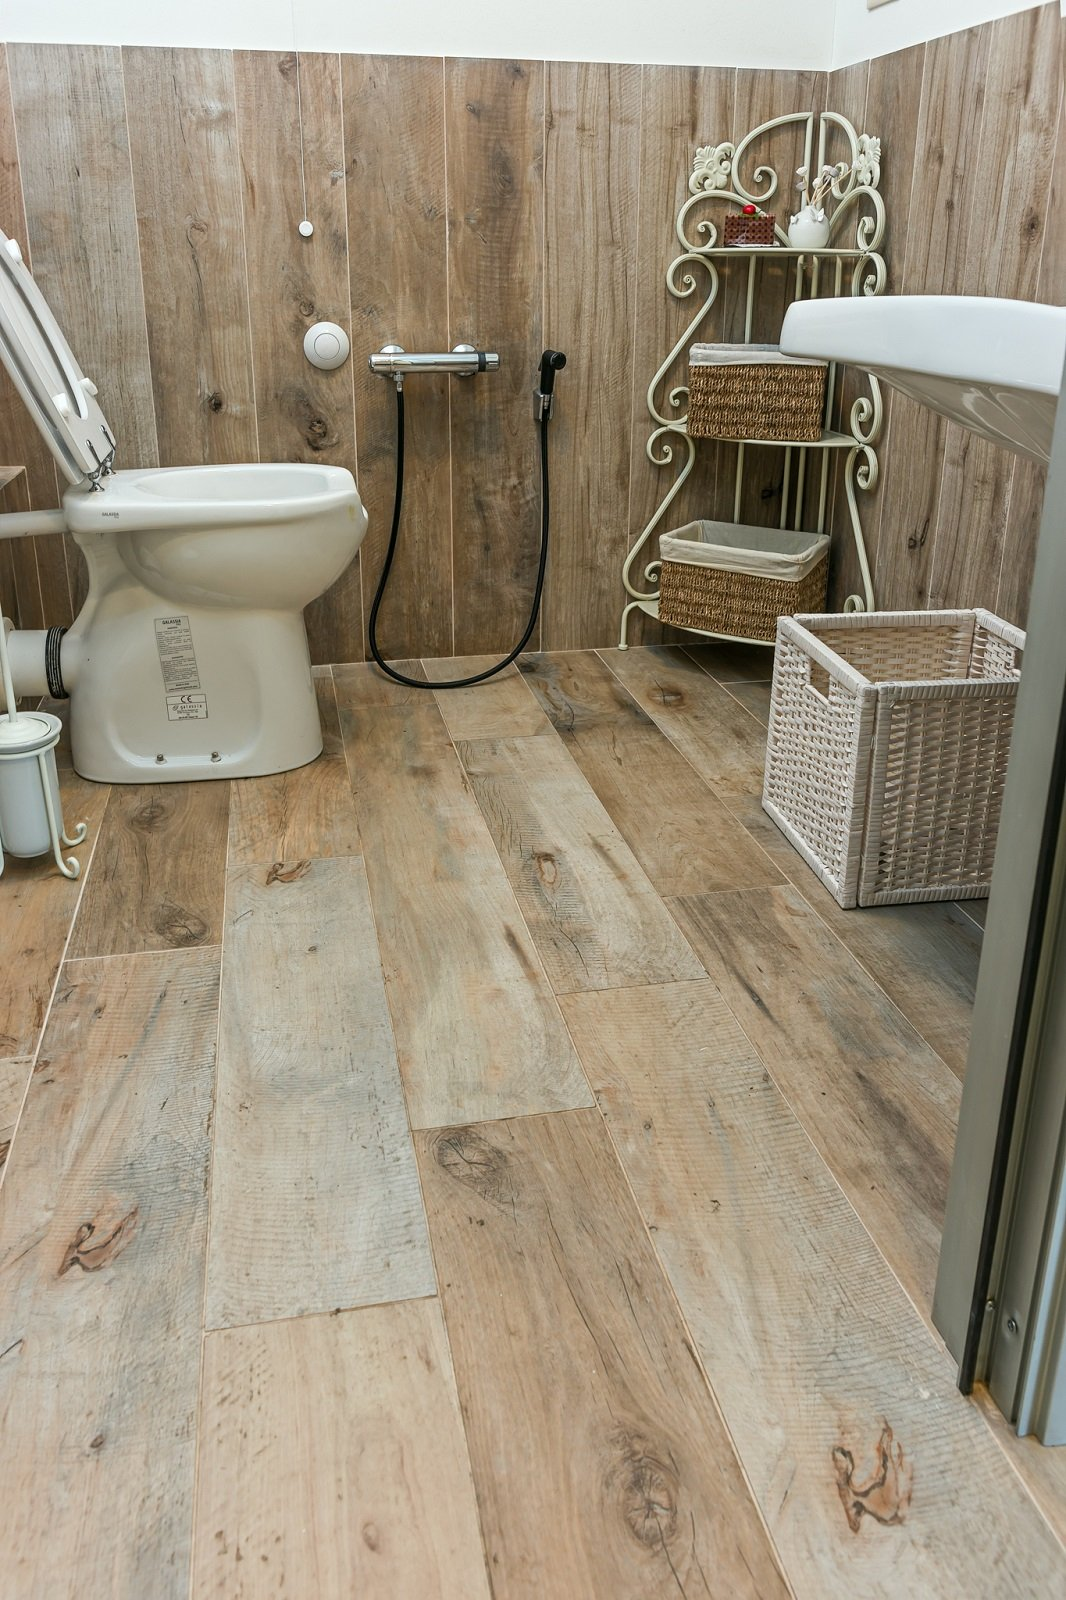 Pavimenti per il bagno: gres in tante versioni, diversissime per gusto e stile - Cose di Casa